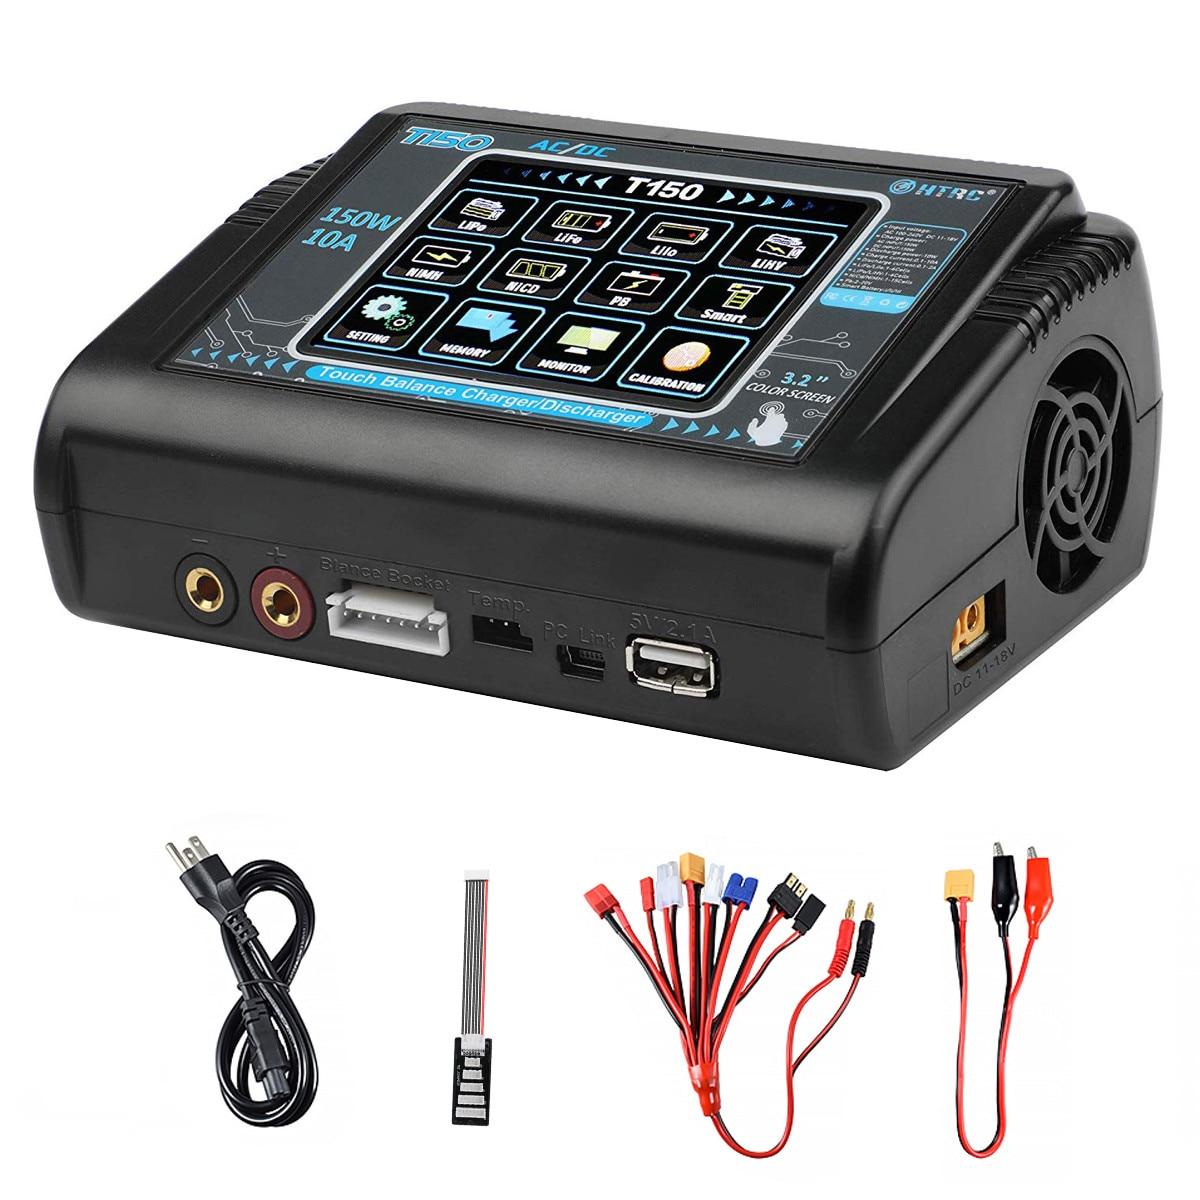 Htrc t150 carregador de bateria inteligente ac/dc 150w 10a com carga do equilíbrio da tela de toque para lipo lihv vida lilon nicd nimh pb bateria